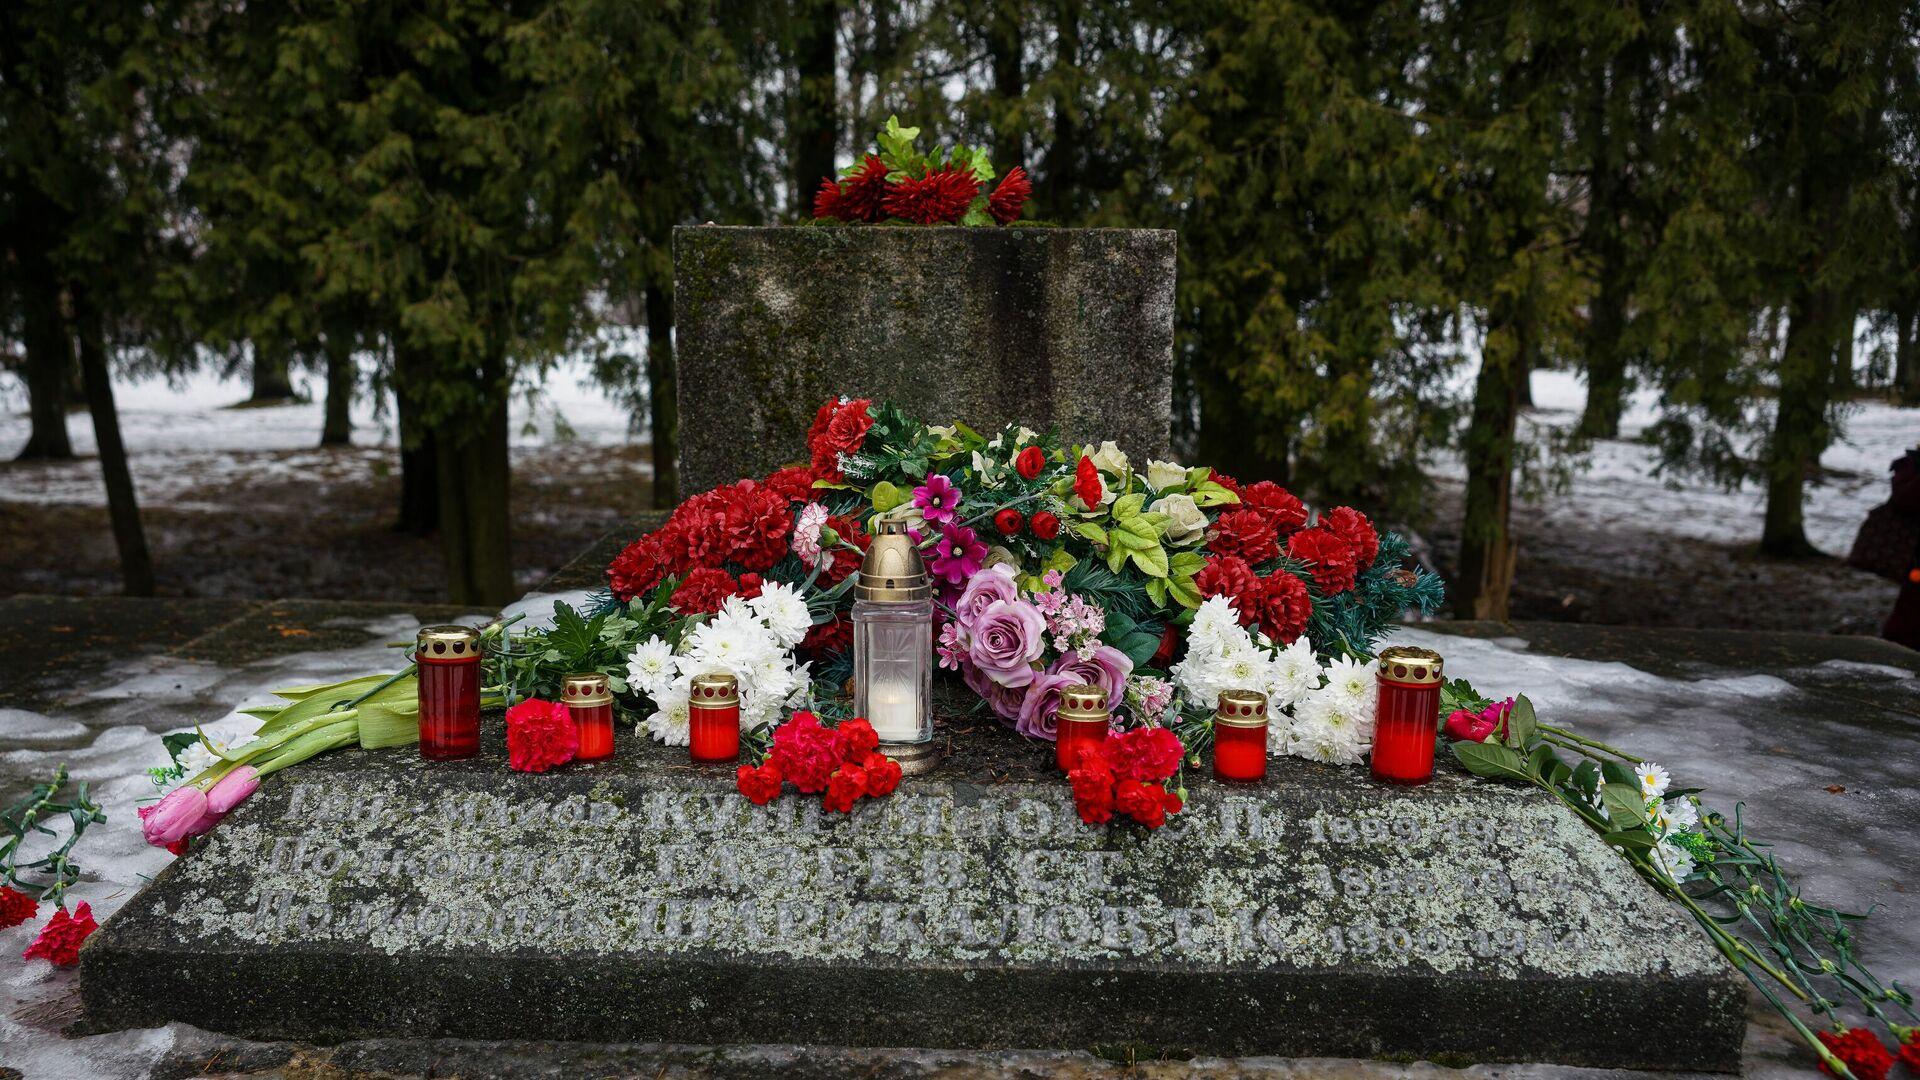 Мемориал освободителям и Героям Советского Союза в Крустпилсском парке в Екабпилсе - РИА Новости, 1920, 26.02.2021